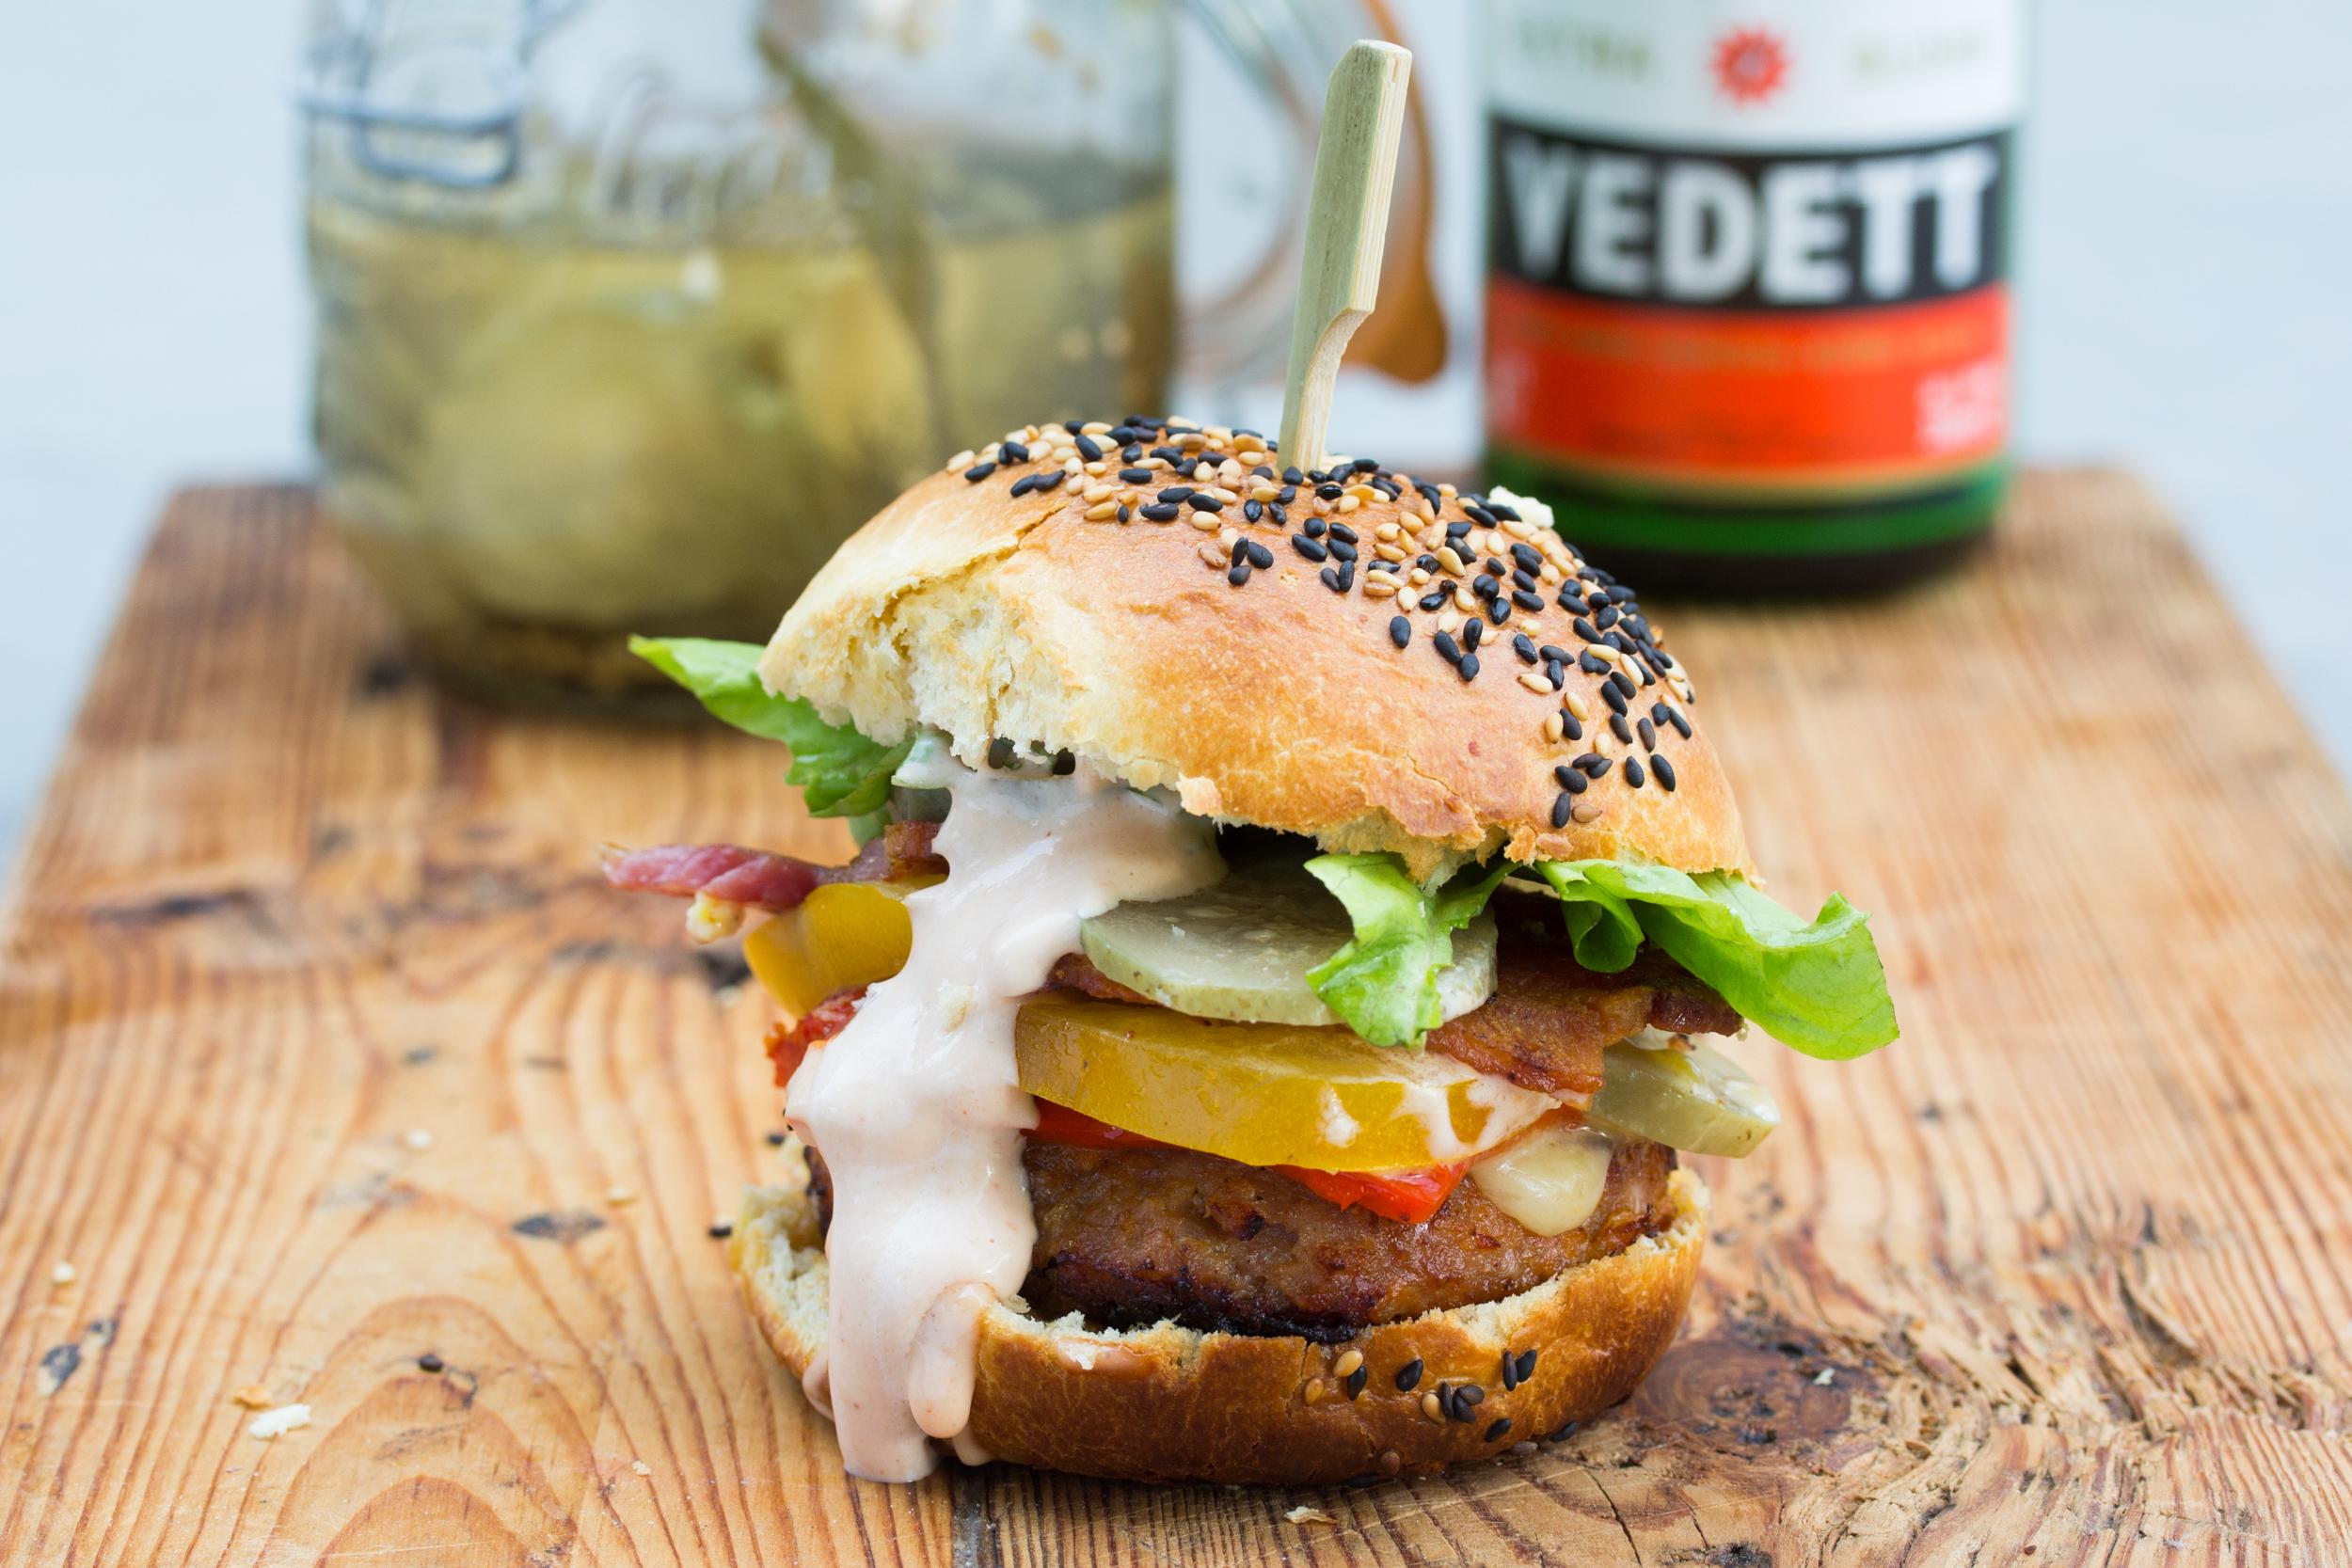 duroc burger